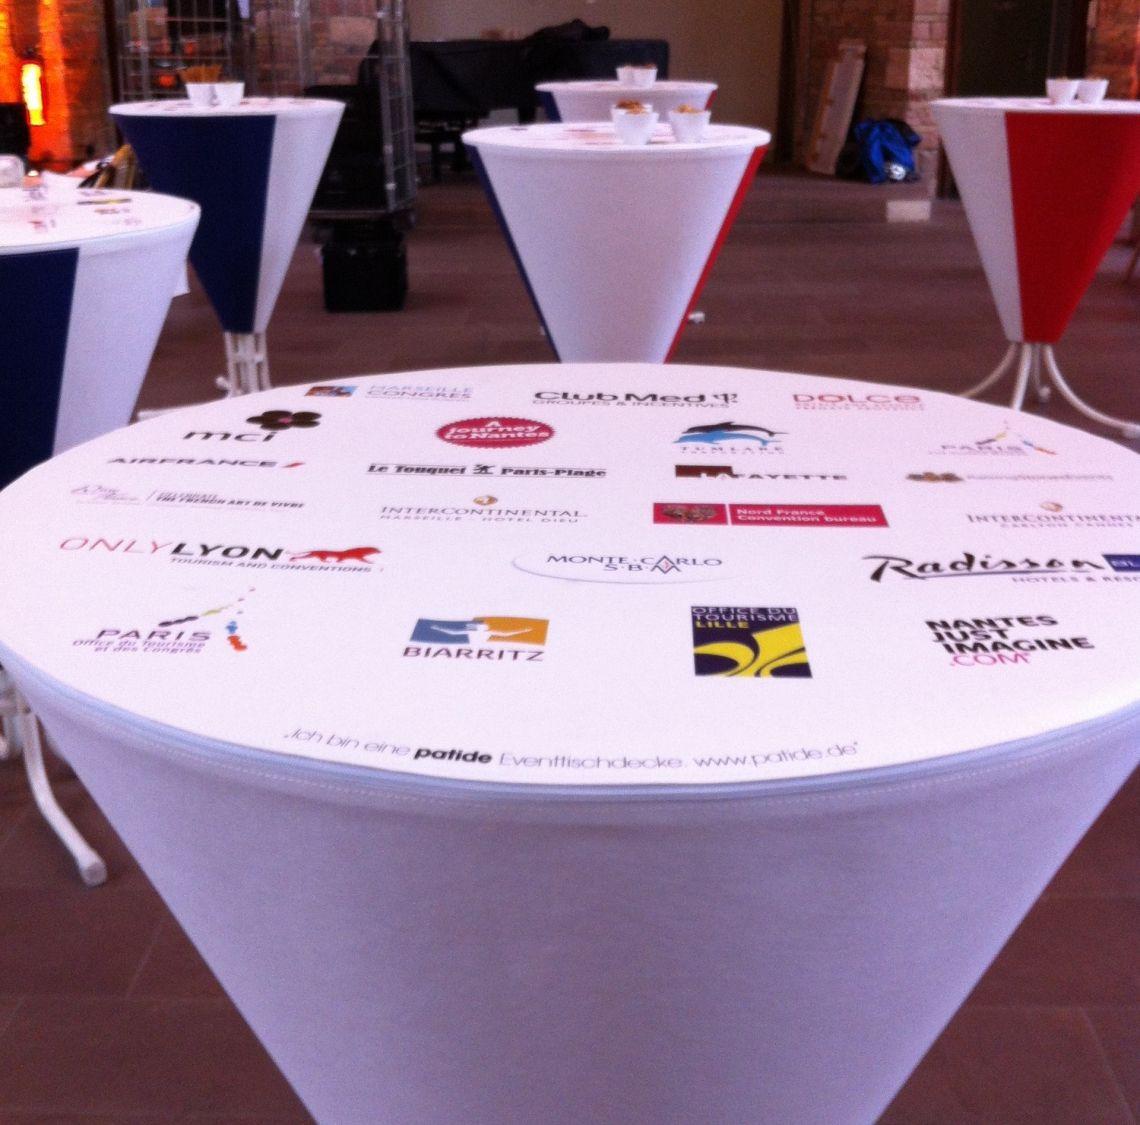 Eventgerechte Kommunikationsfläche. So entstehen für Partner Inszenierungsflächen auf Stehtischen. Diese finden Einsatz für Podiumsdiskussionen, Networkingareas, für Wartebereiche, Buffets oder Foyers.